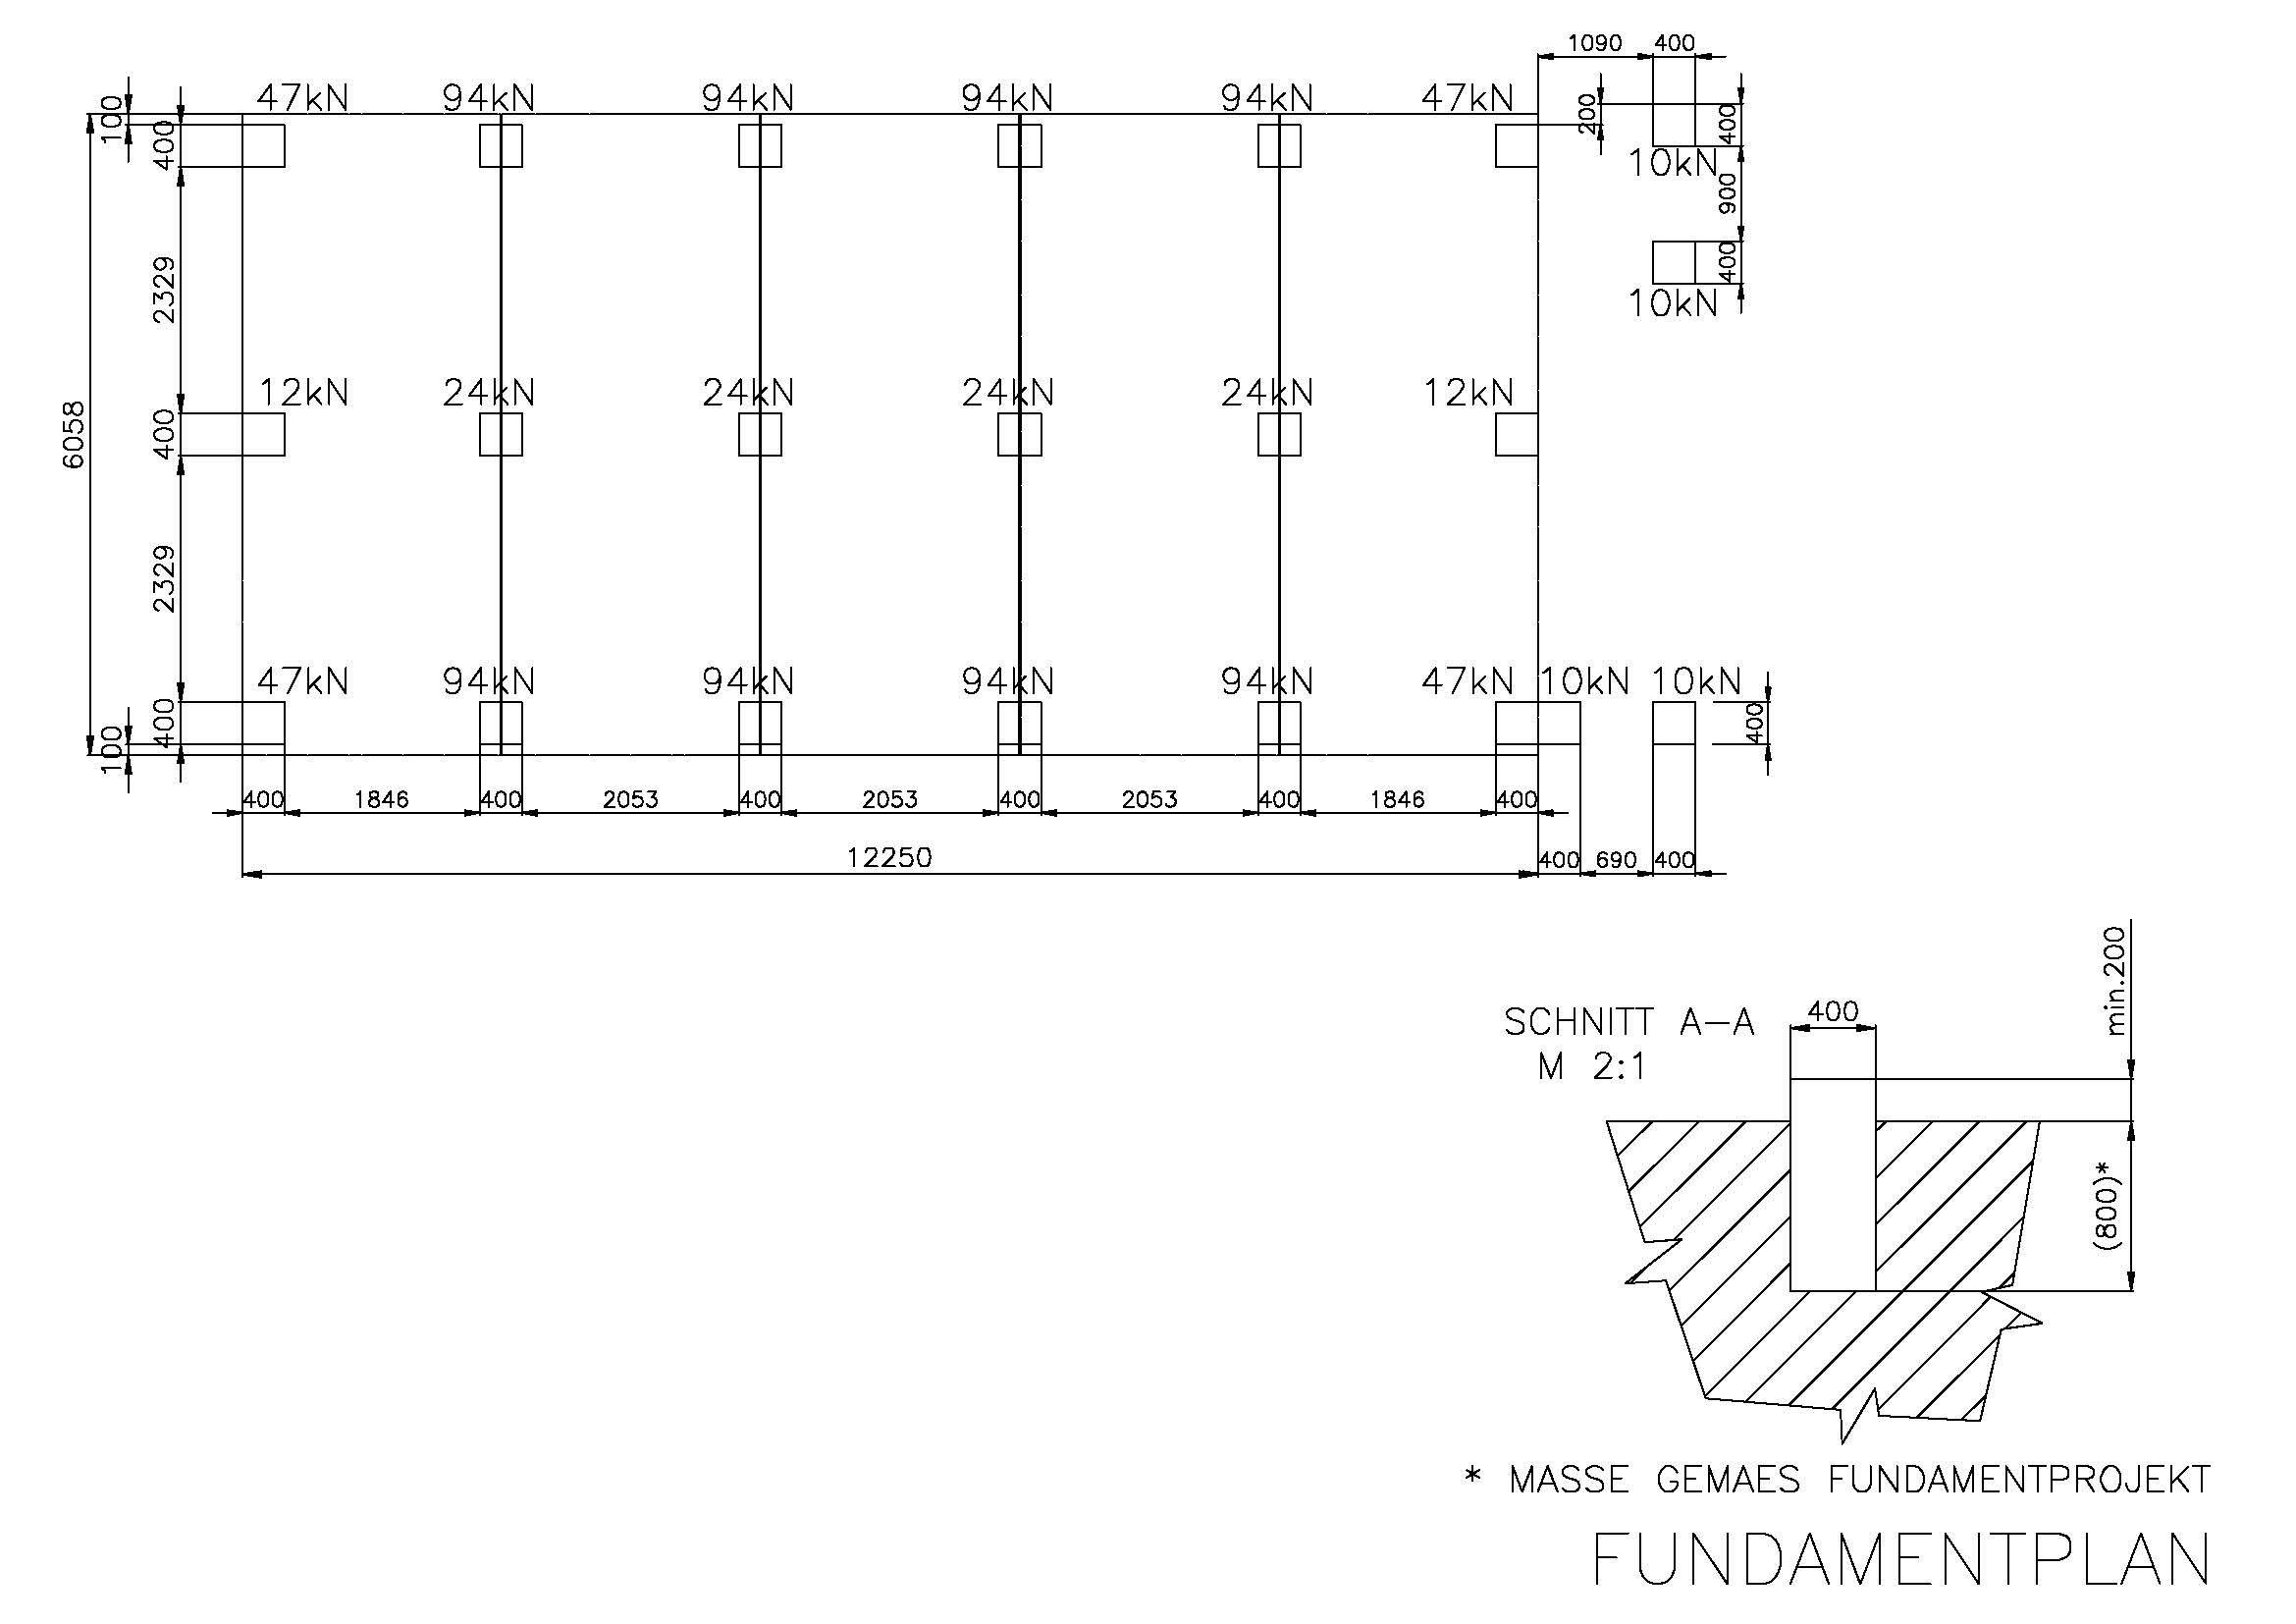 Likeable Container Aufstellen Ohne Baugenehmigung Collection Of Fundamentplan: Lastangaben, Beispiel Für 2-geschossige Anlage